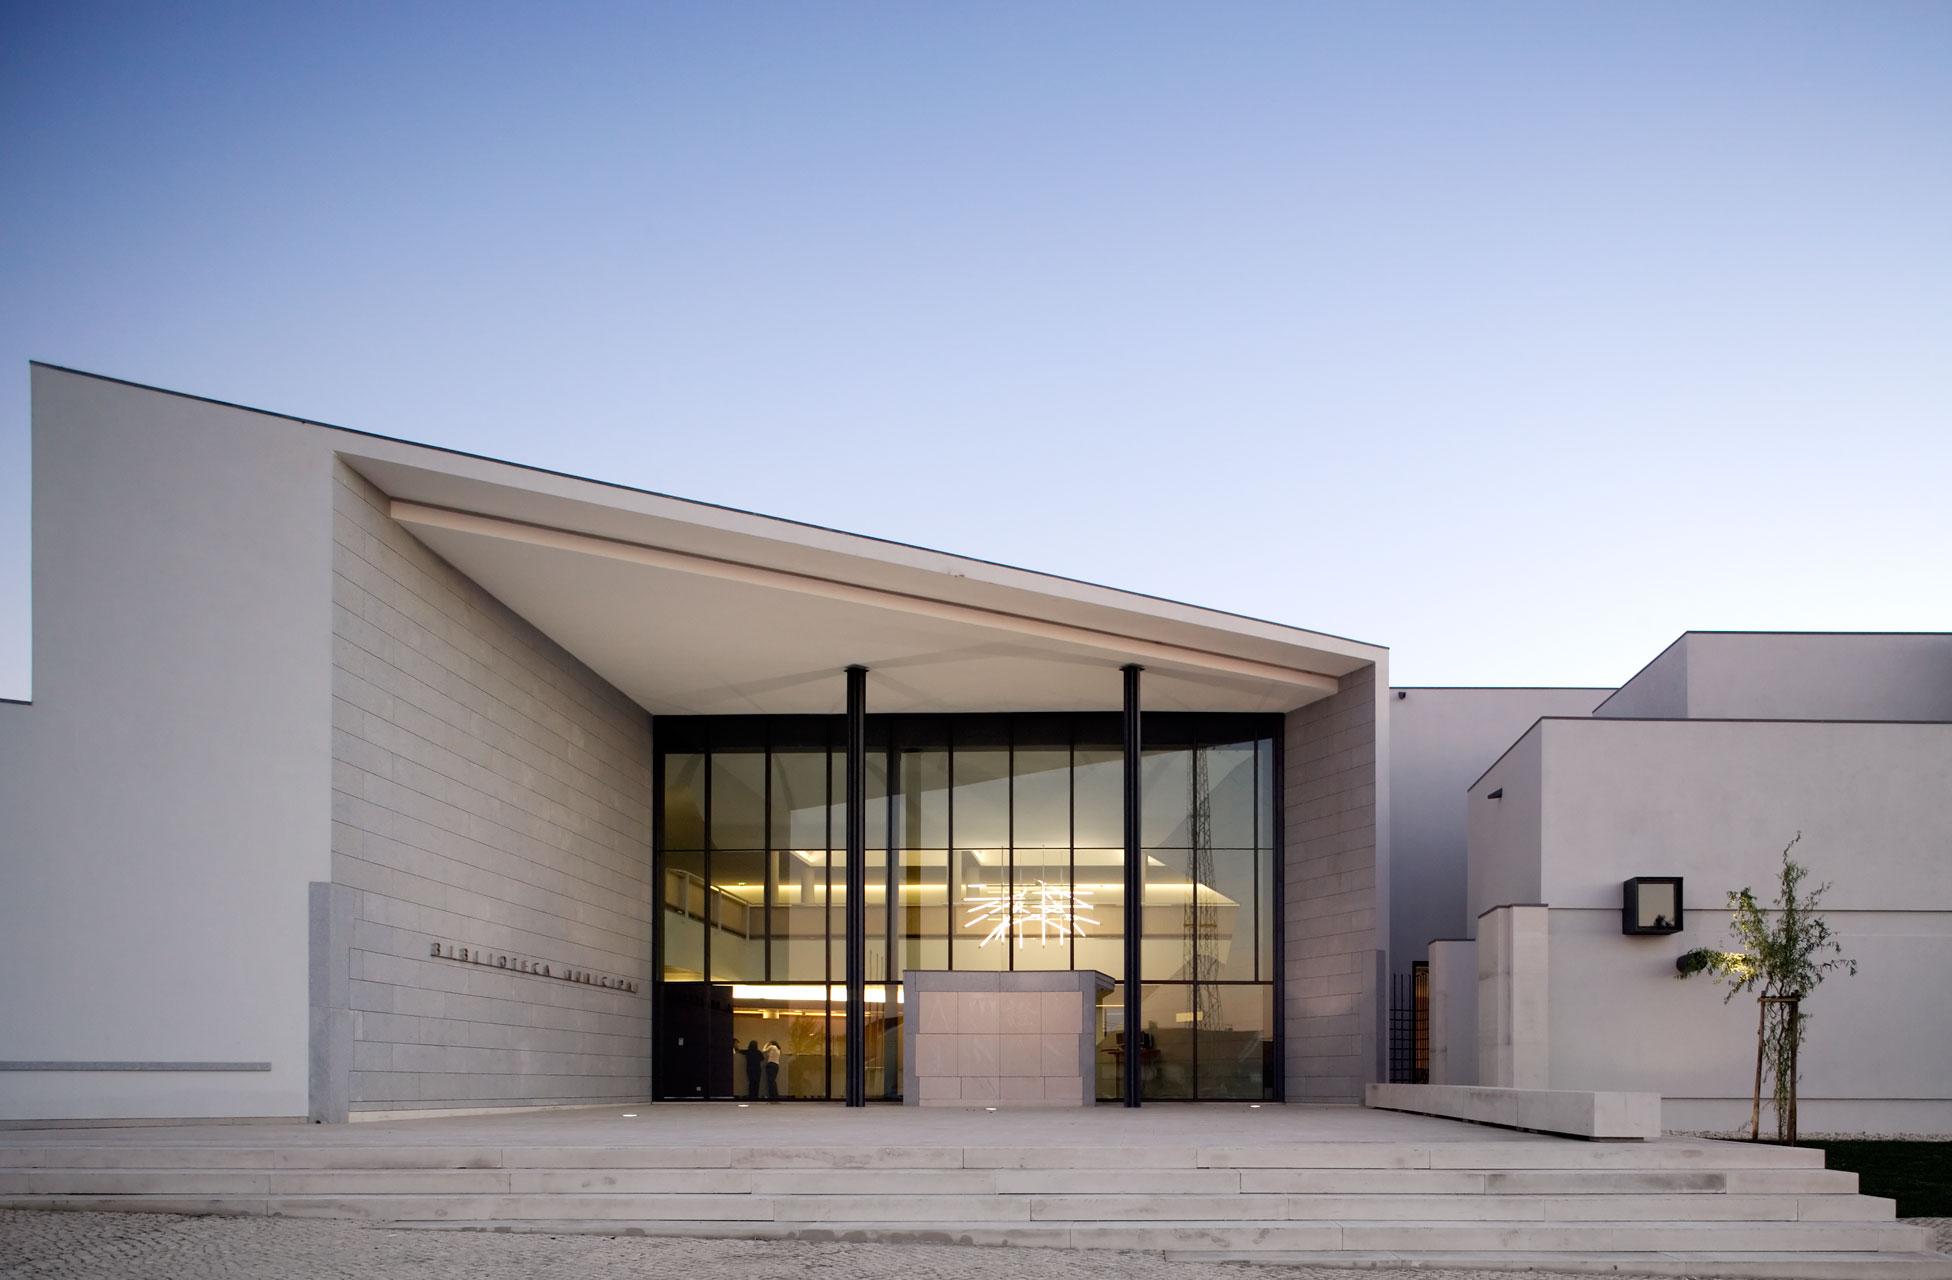 Biblioteca Municipal de Ílhavo / ARX PORTUGAL, © FG+ SG – Fernando Guerra, Sergio Guerra